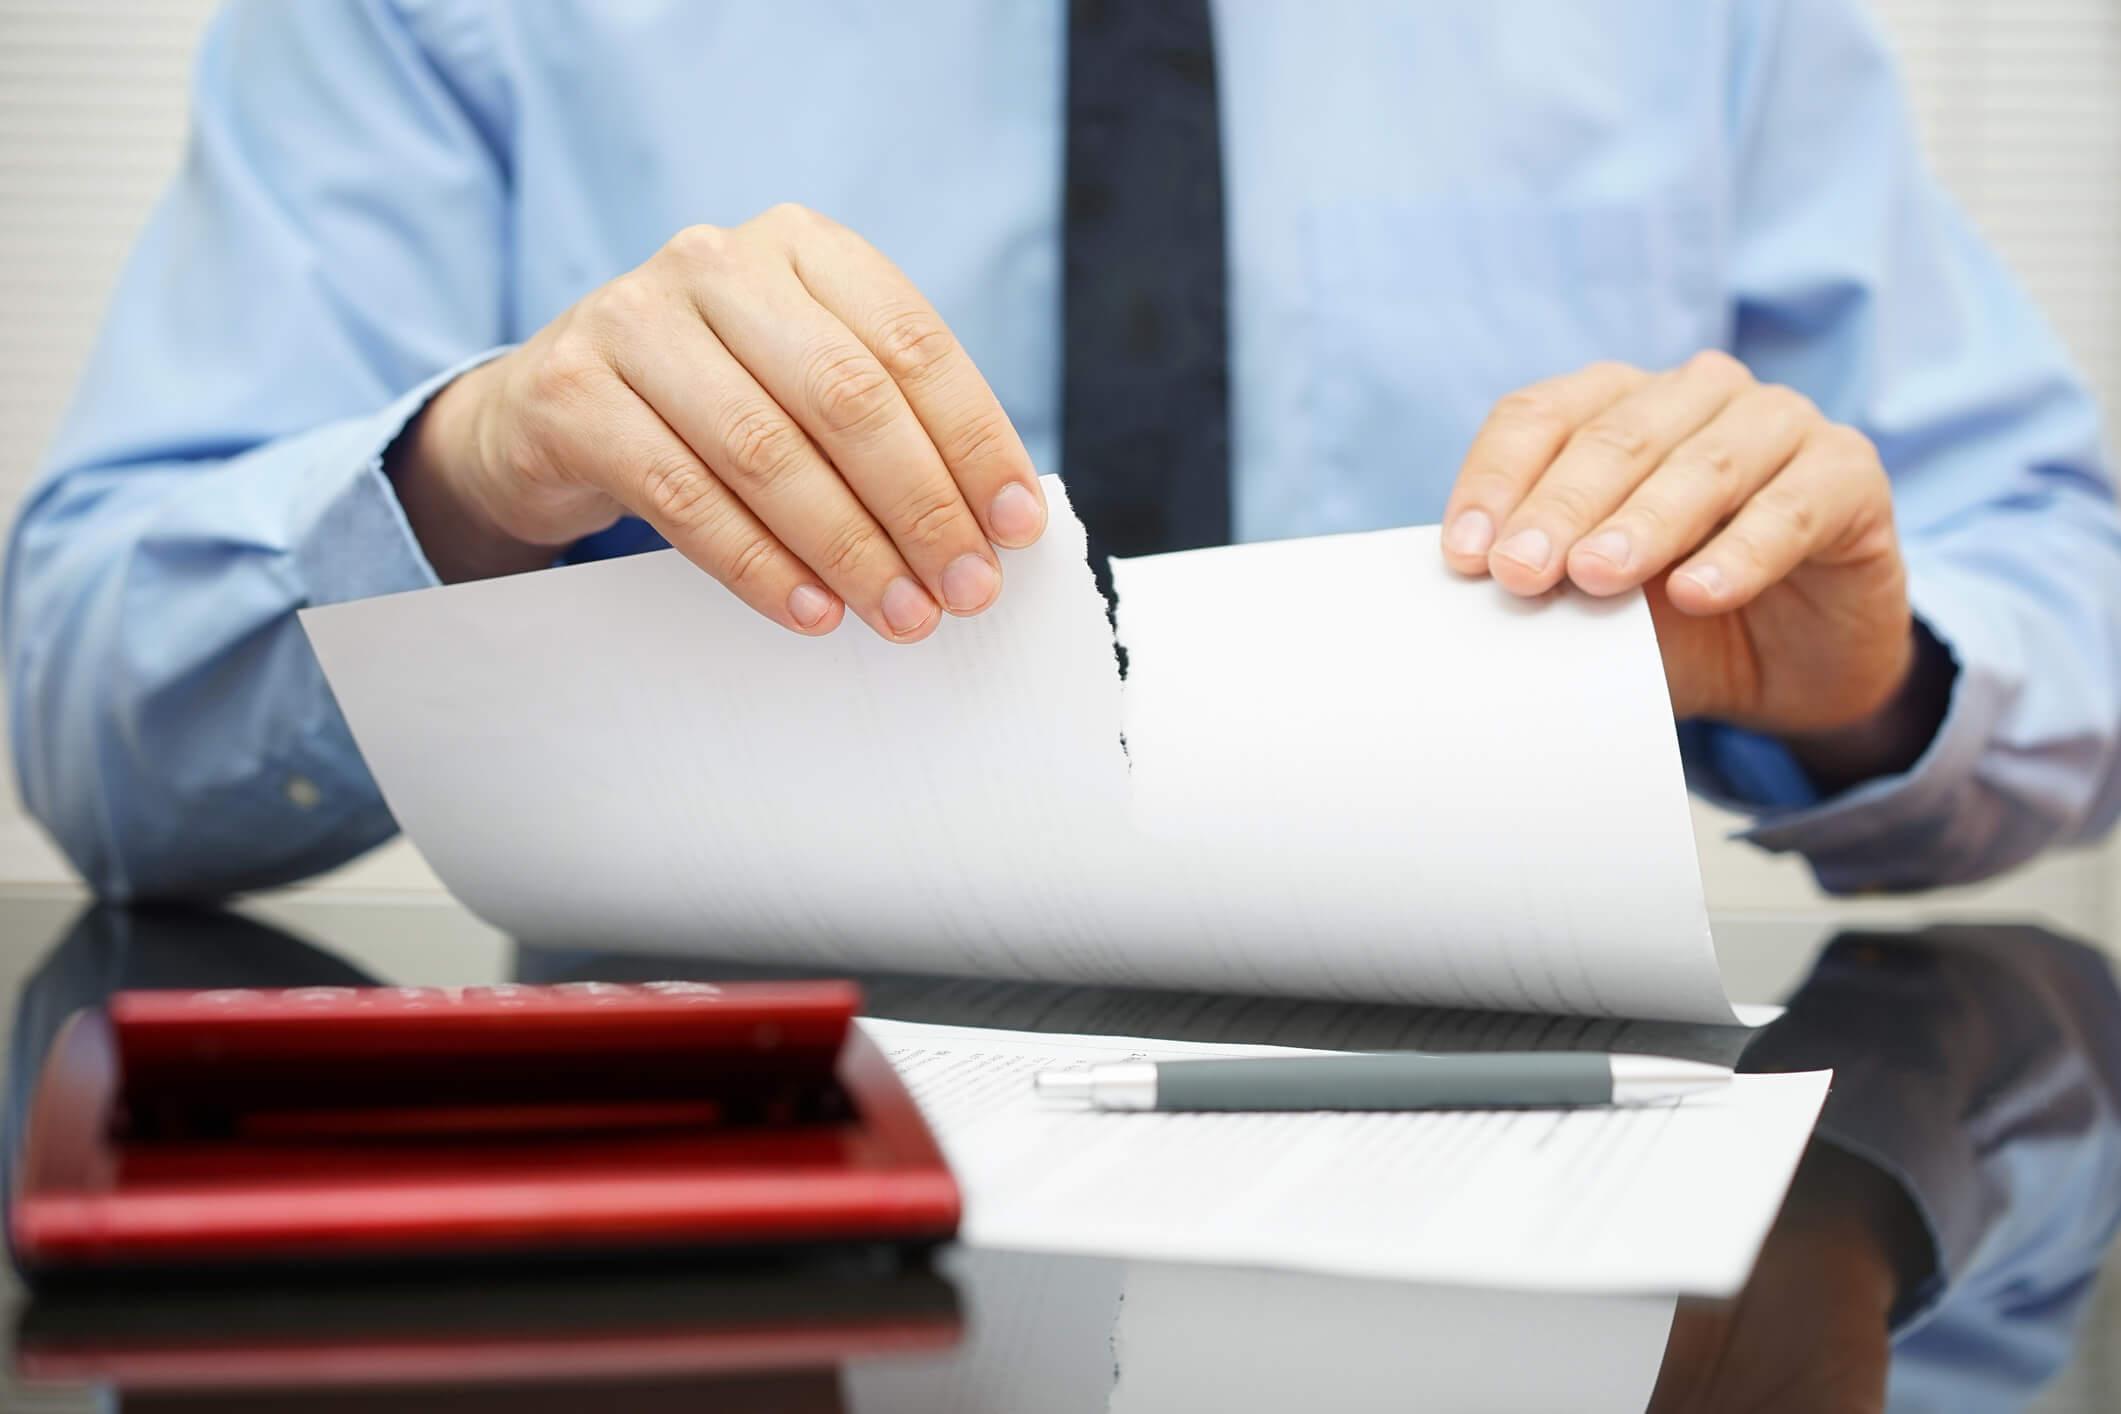 срок исковой давности по оспоримым сделкам при банкротстве